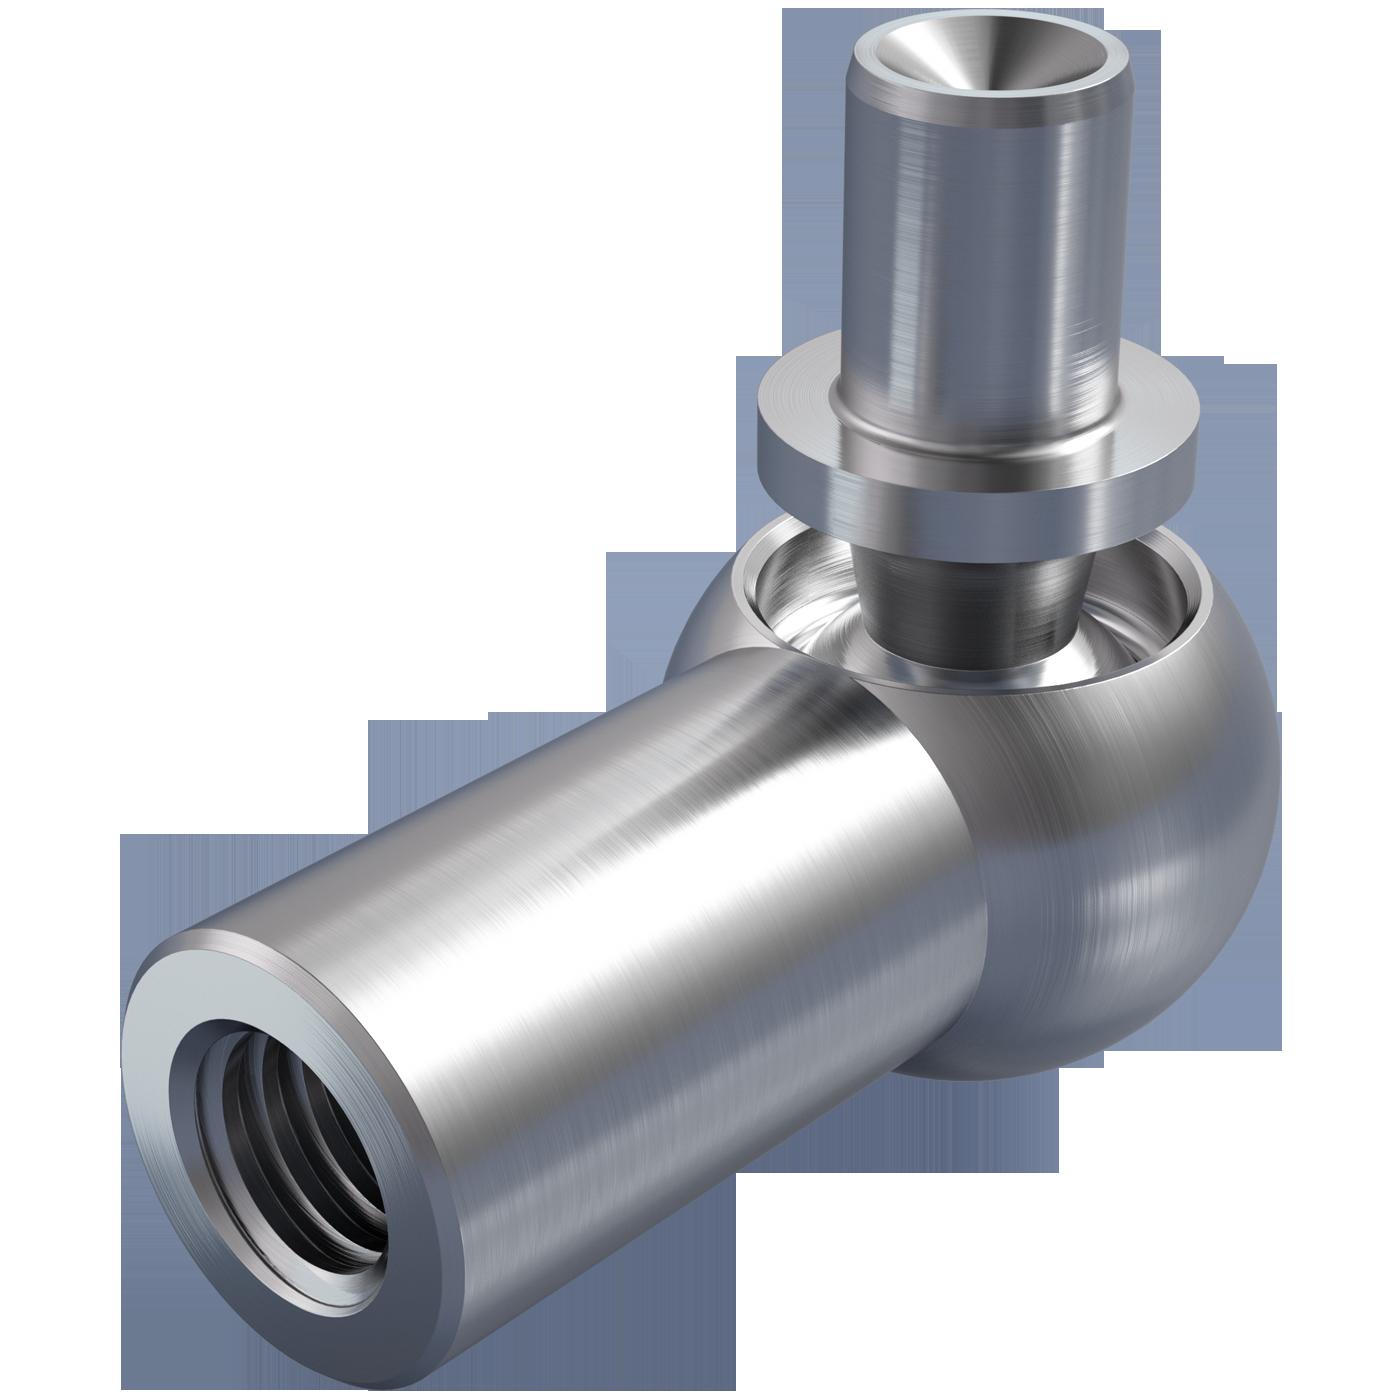 mbo Oßwald ist Winkelgelenk Hersteller, Winkelgelenke Hersteller, DIN 71802 Form B, mit Nietzapfen. Folgende Werkstoffe stehen zur Auswahl: Stahl oder Edelstahl 1.4305, bzw. Edelstahl 1.4404, A4 Qualität.